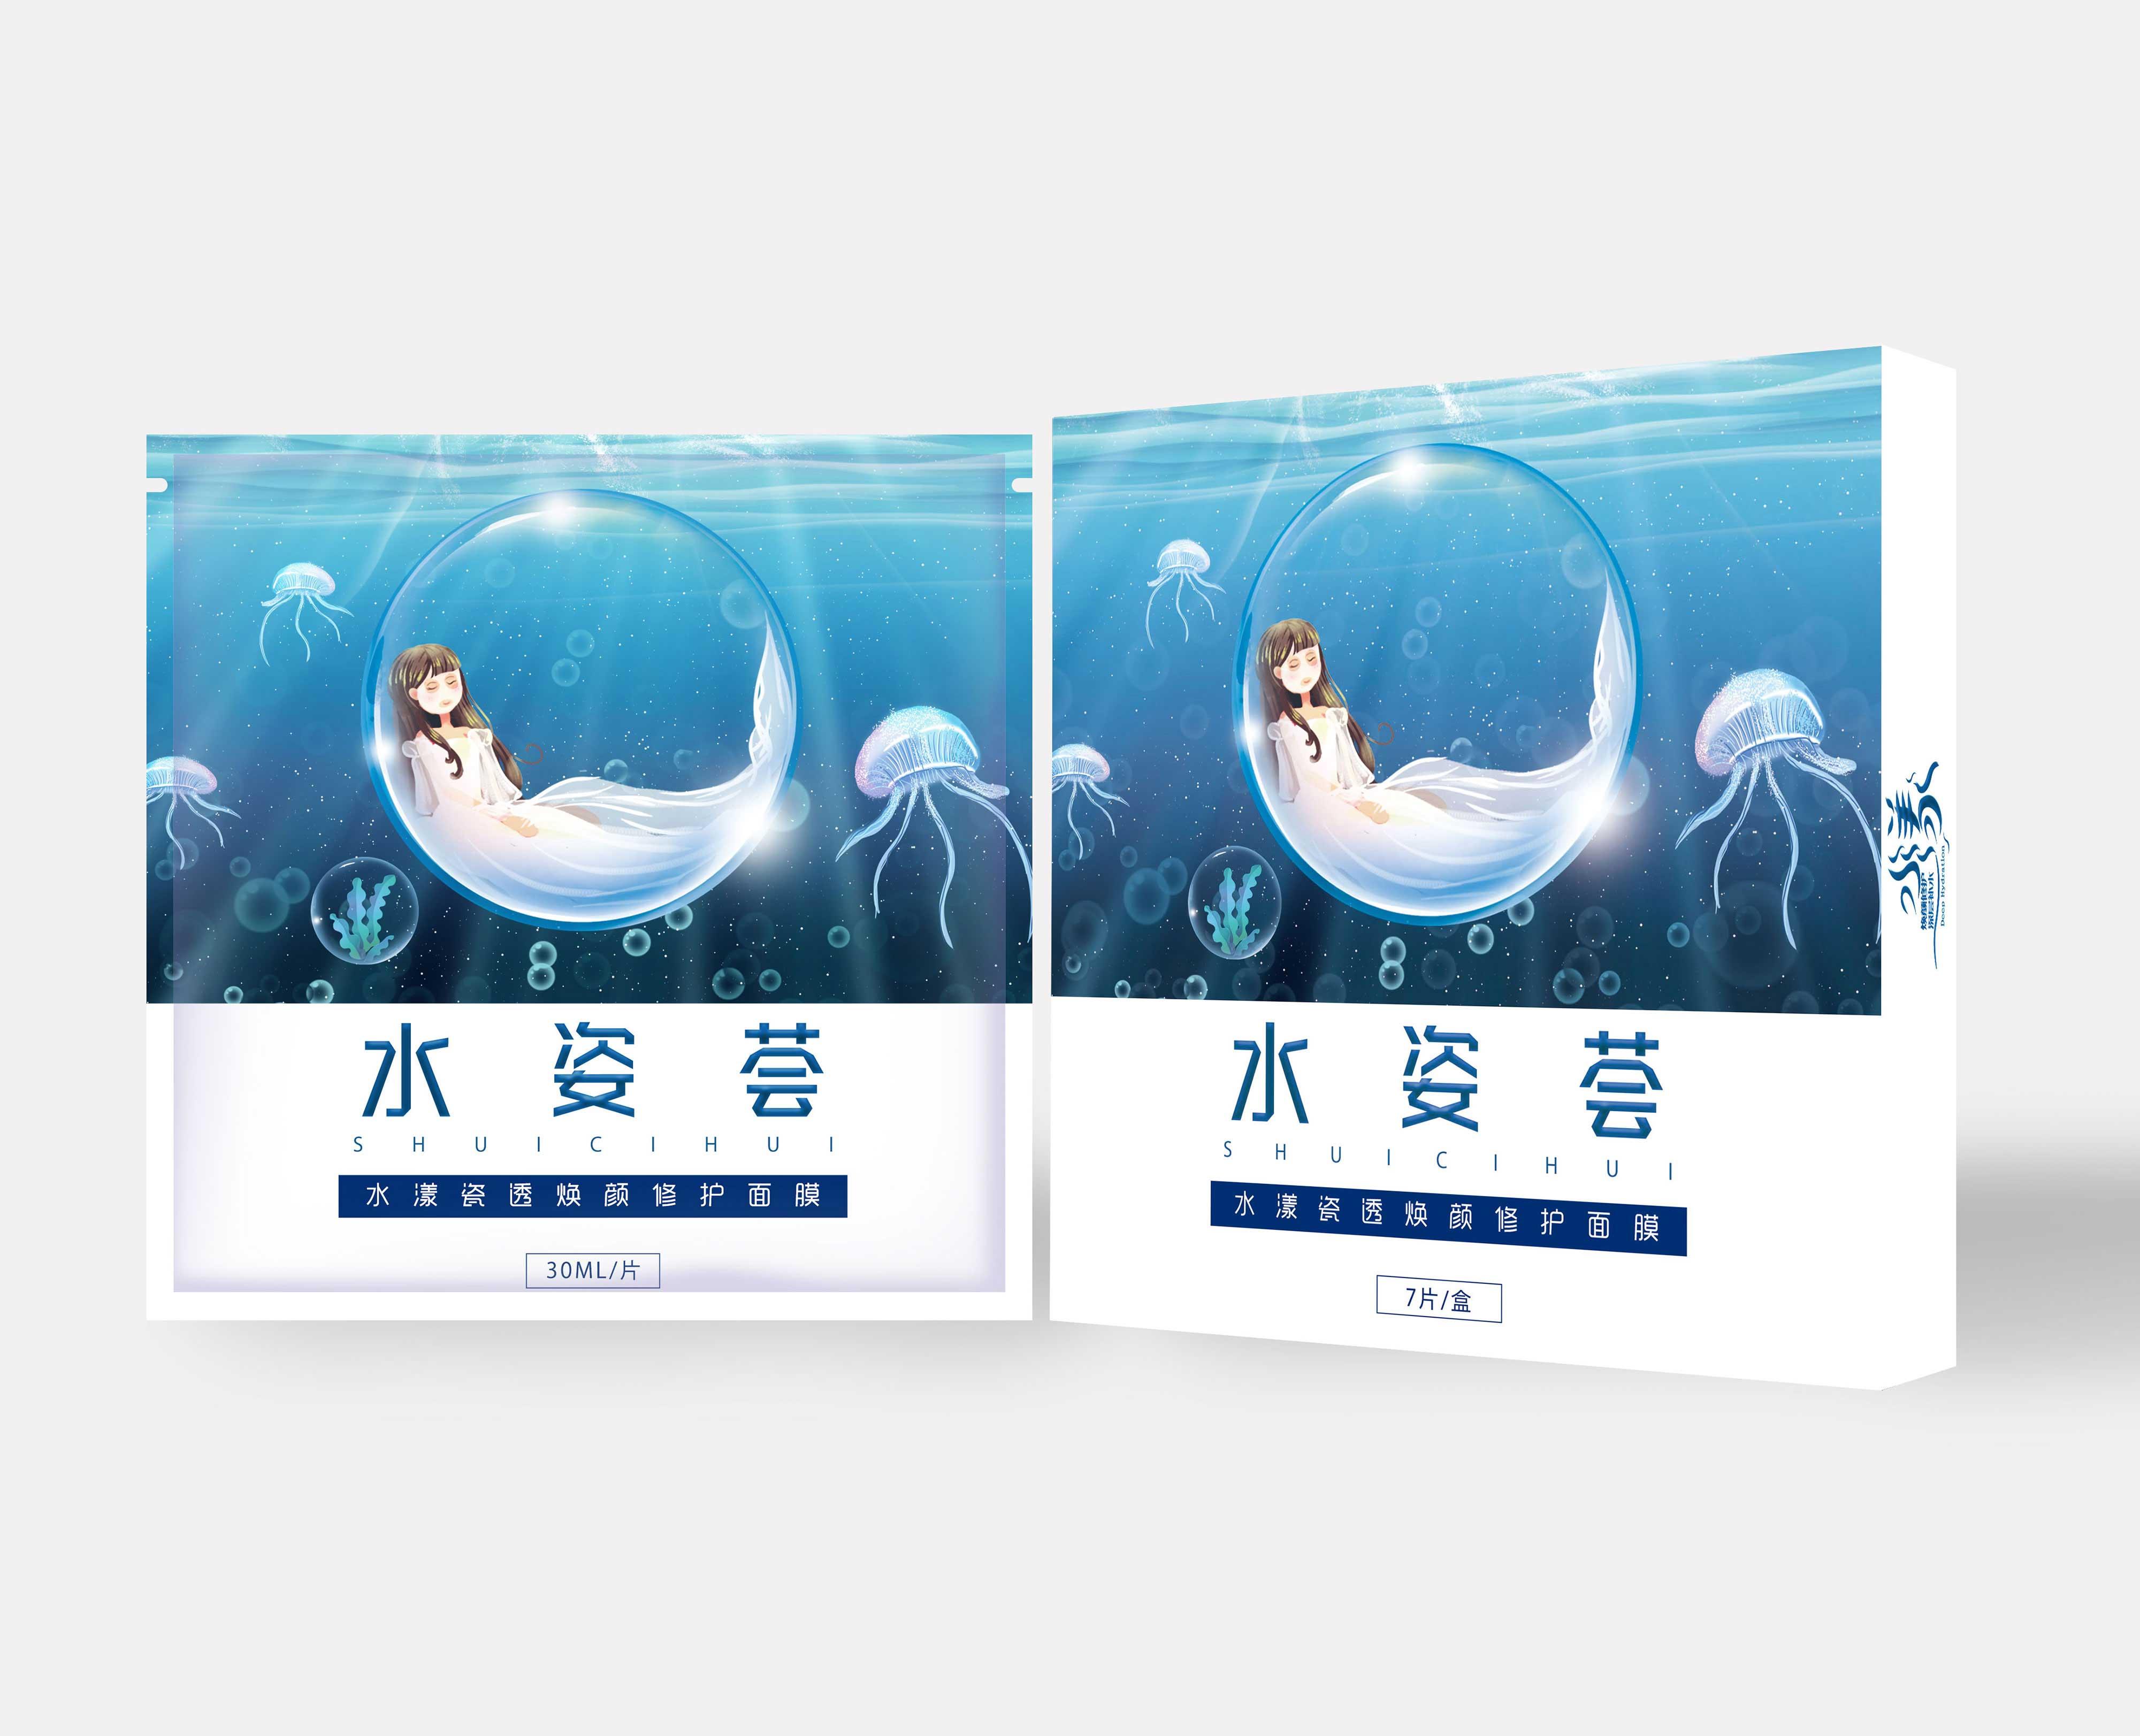 面膜袋+面膜盒包装设计插画设计